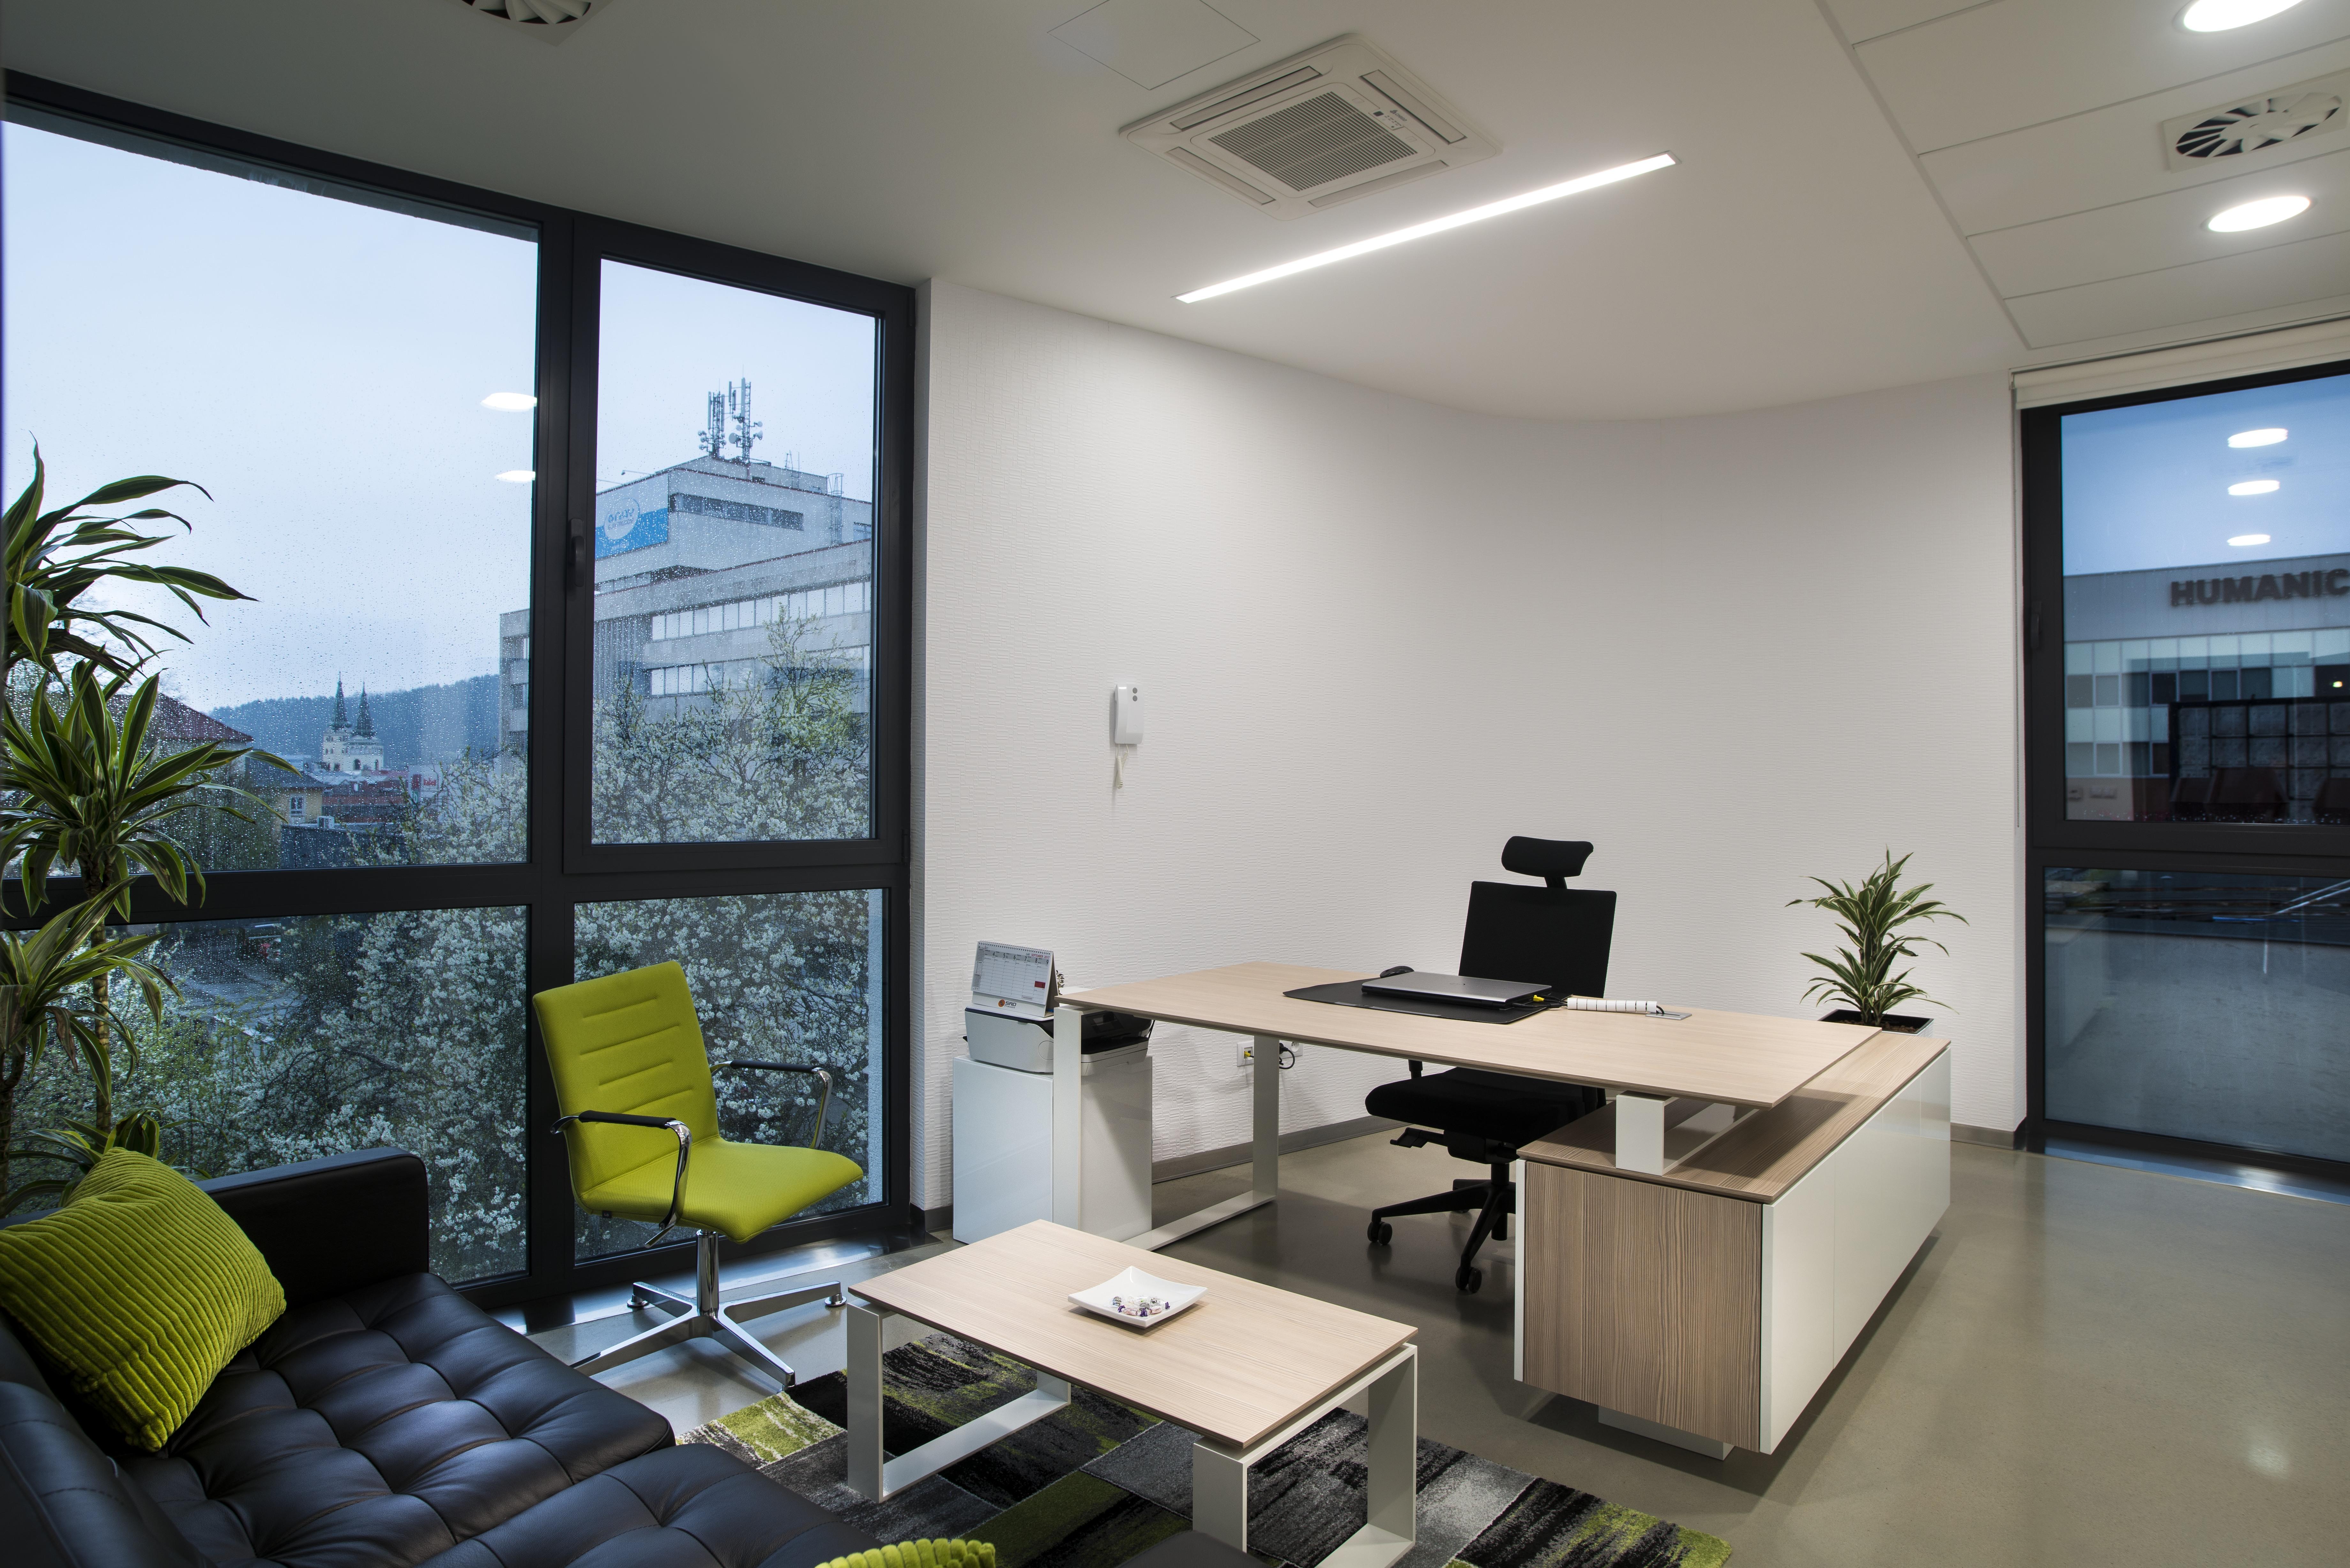 2382d400fc65 Kancelária s výhľadom na najvyšom podlaží